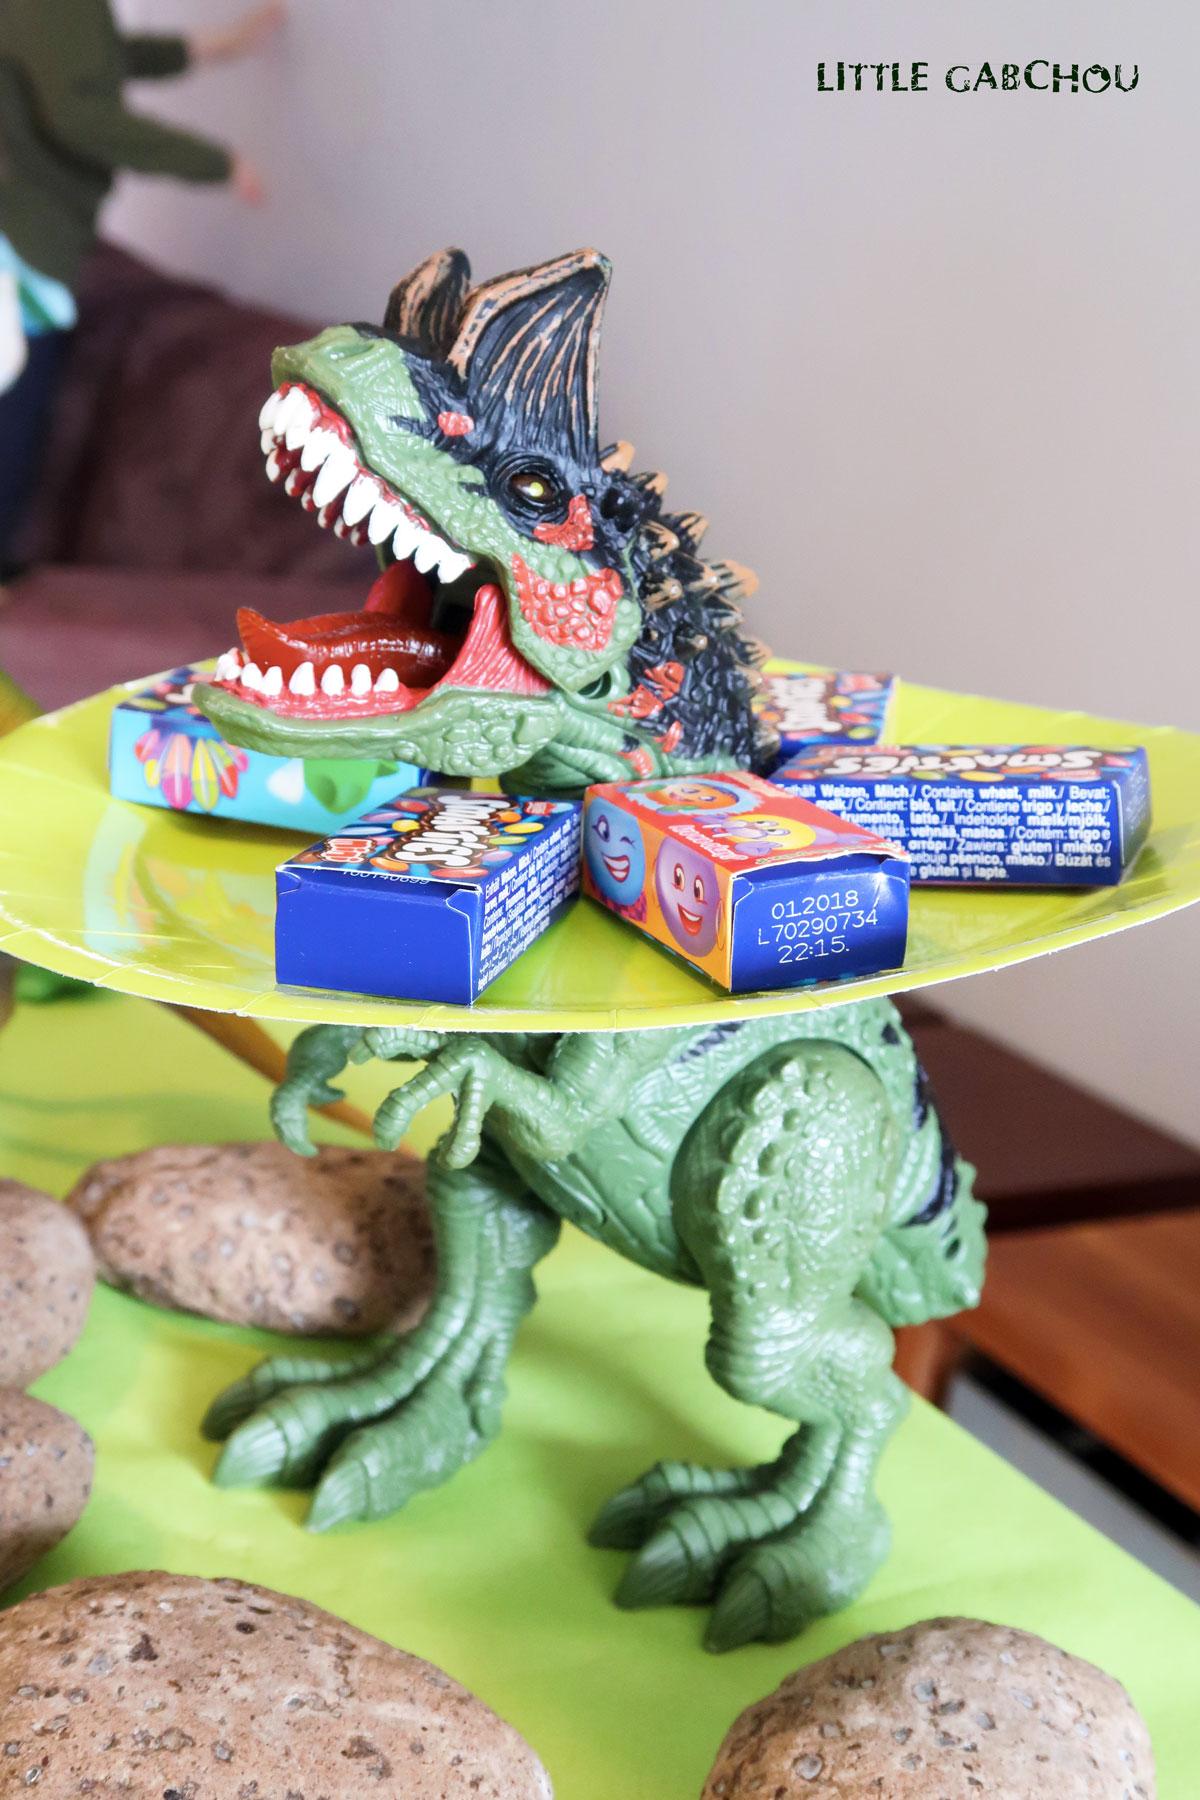 f te d 39 anniversaire sur le th me des dinosaures pour les 4 ans de gabchousaure. Black Bedroom Furniture Sets. Home Design Ideas